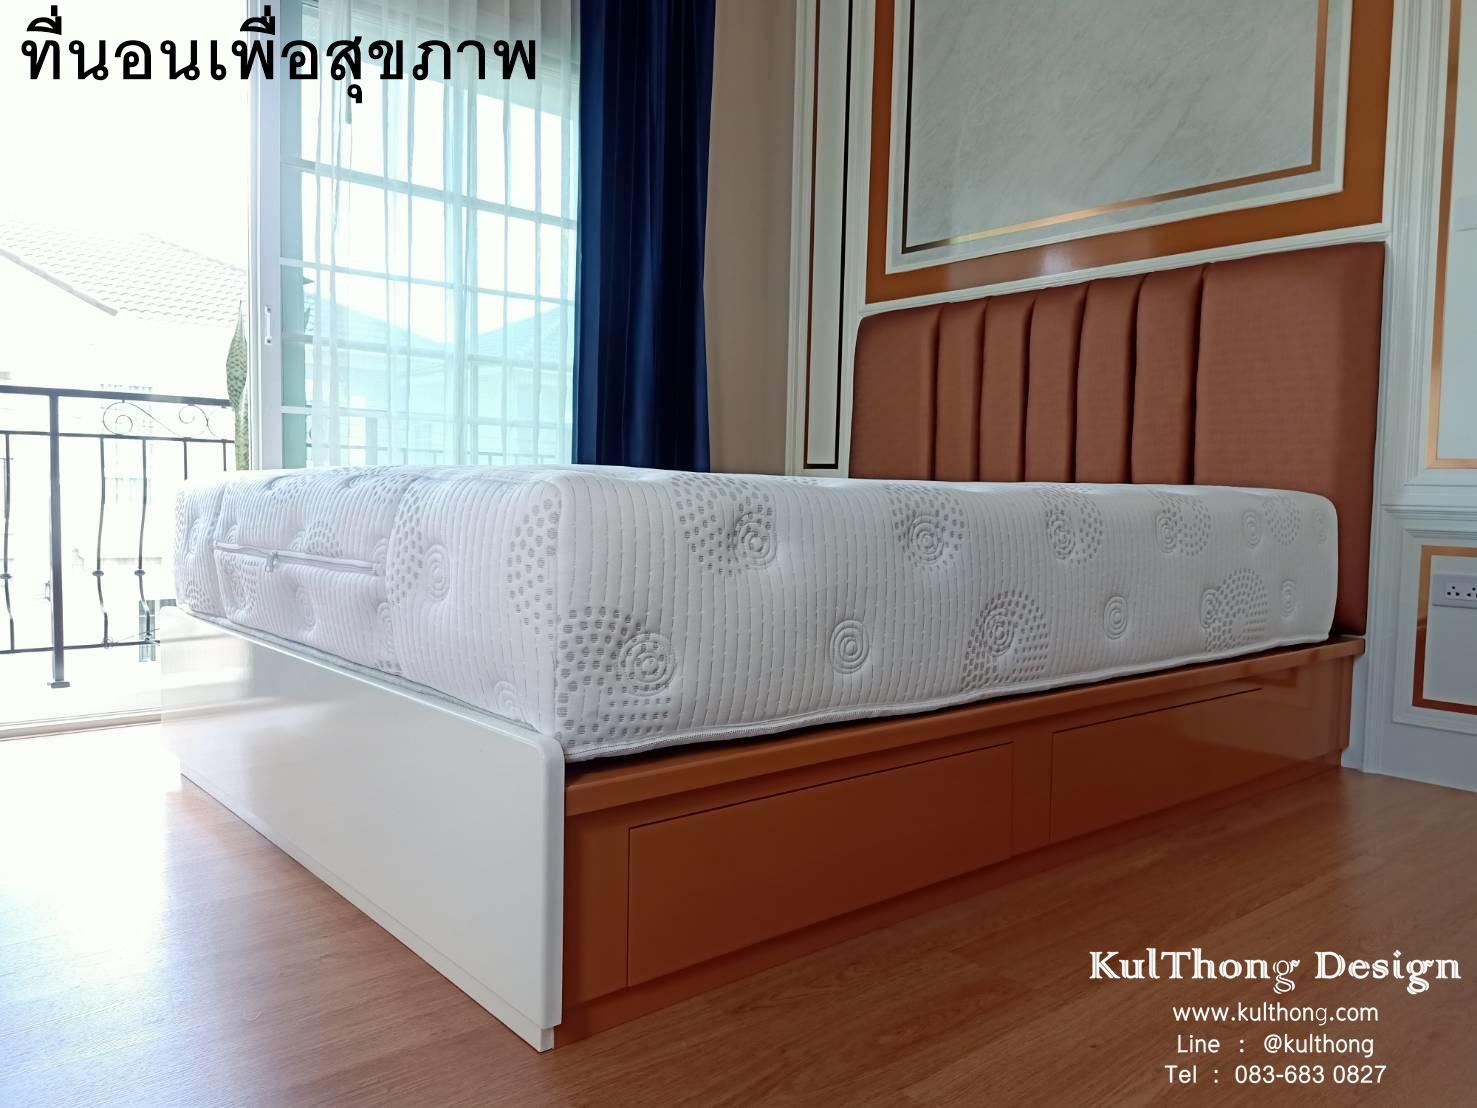 ที่นอนยางพารา ที่นอนกันไรฝุ่น ที่นอนสปริง